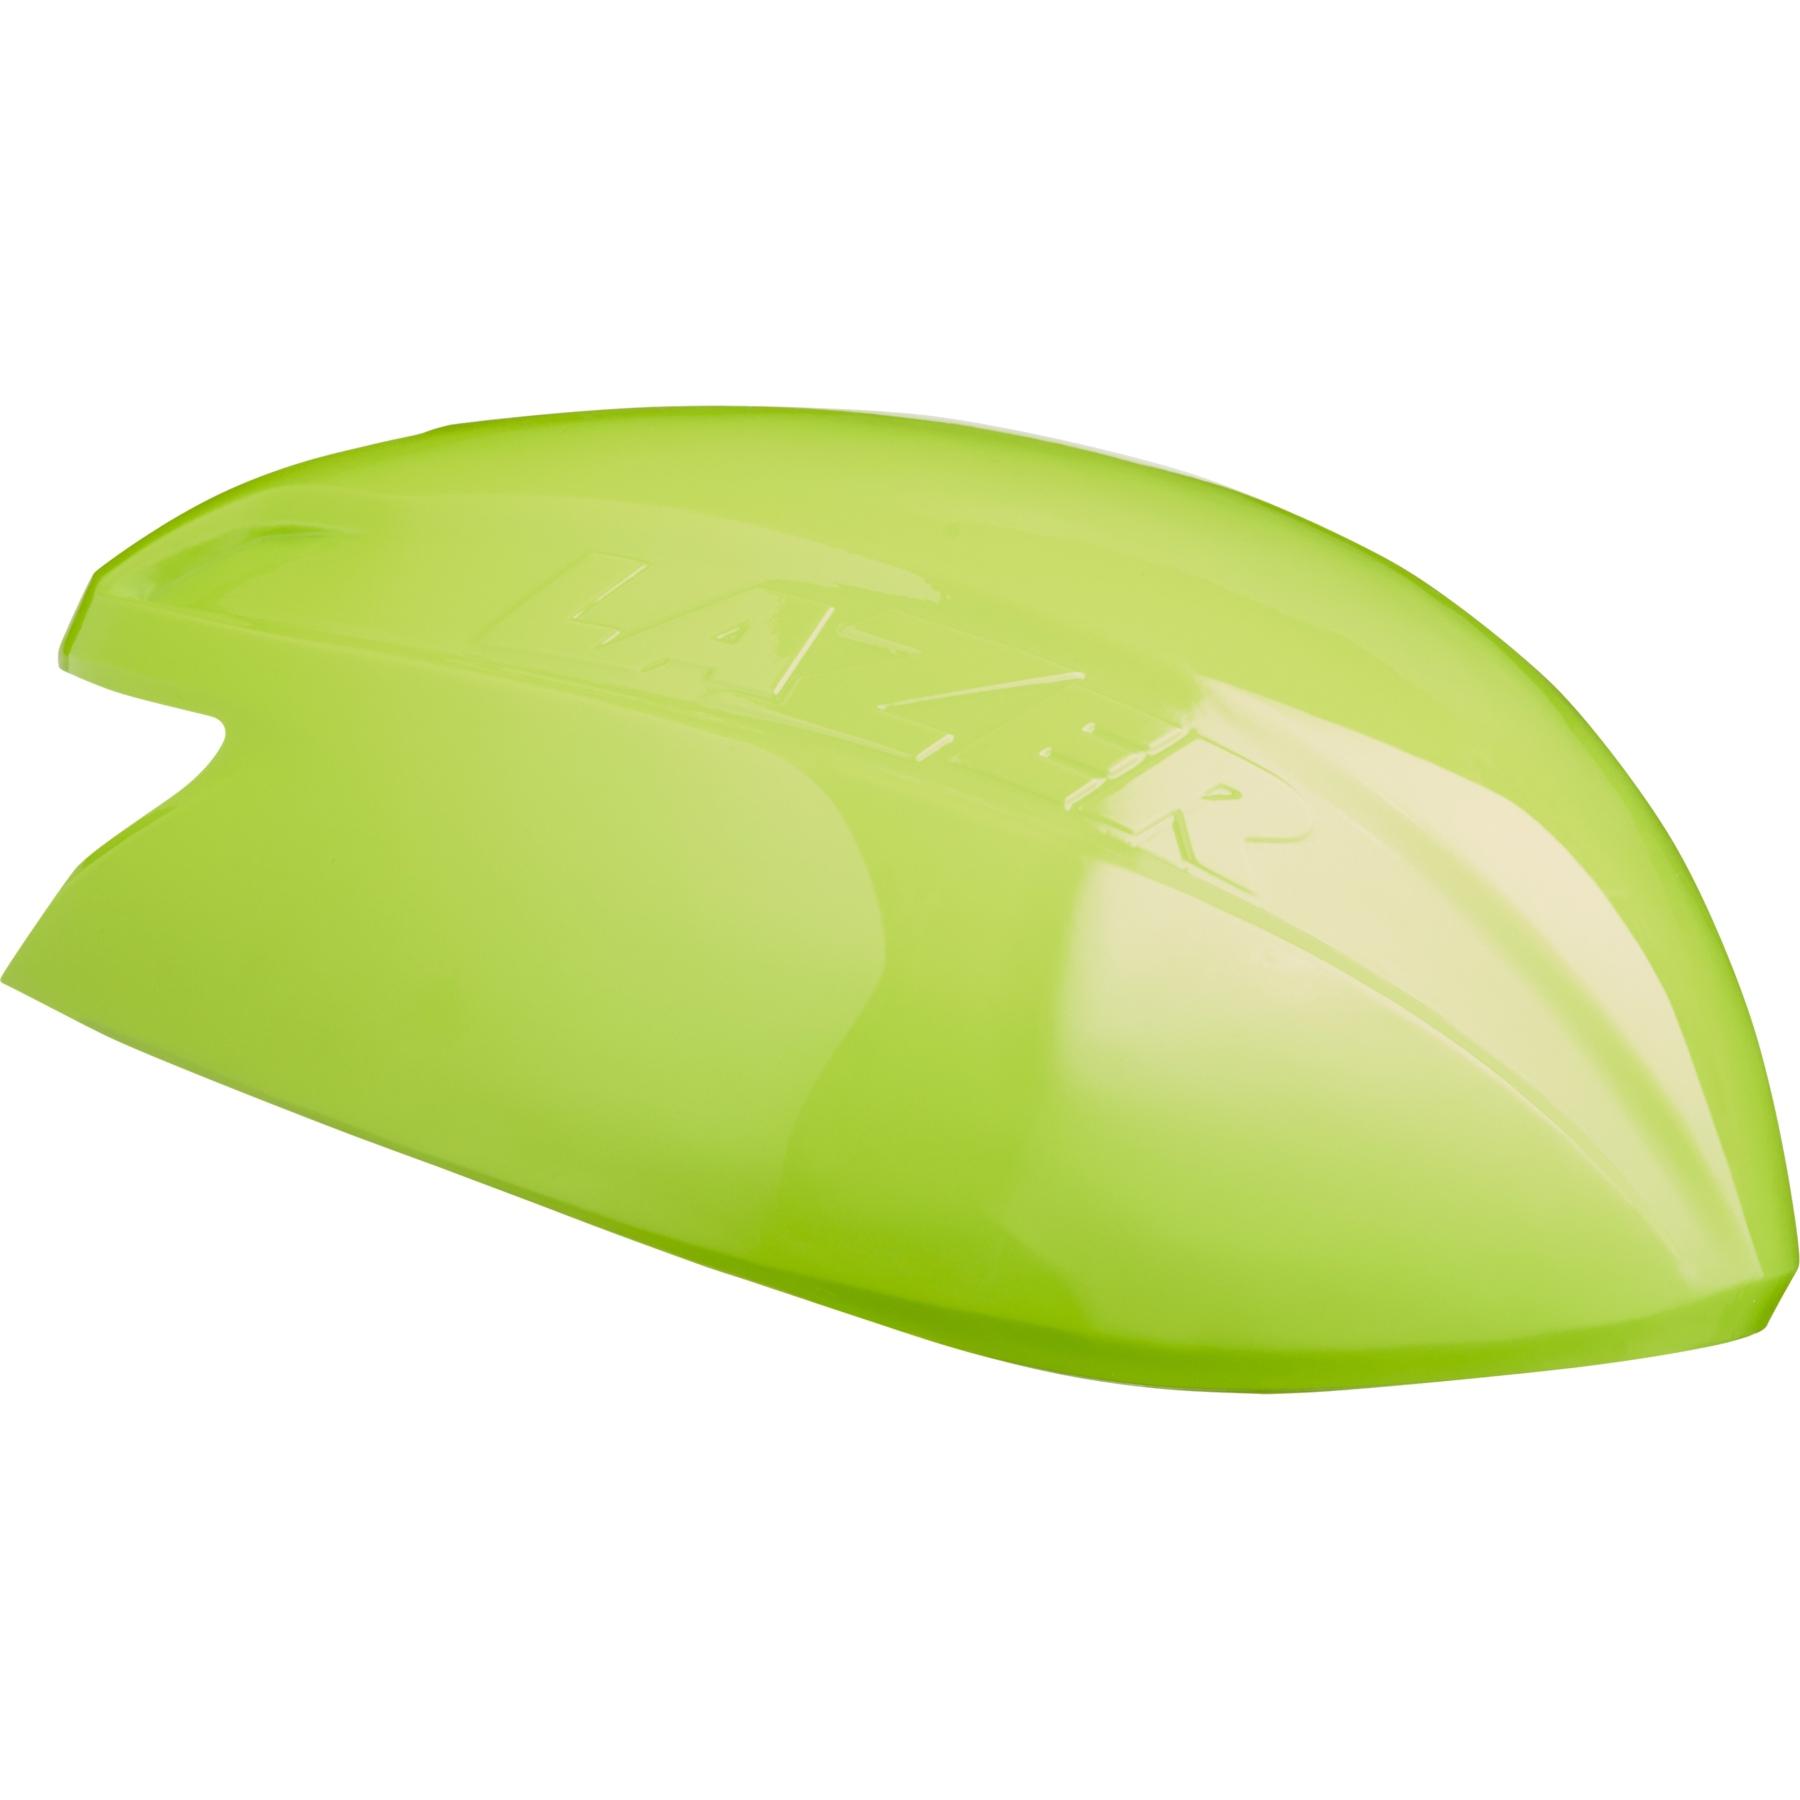 Lazer Aeroshell Abdeckung für Sphere Helm - flash yellow